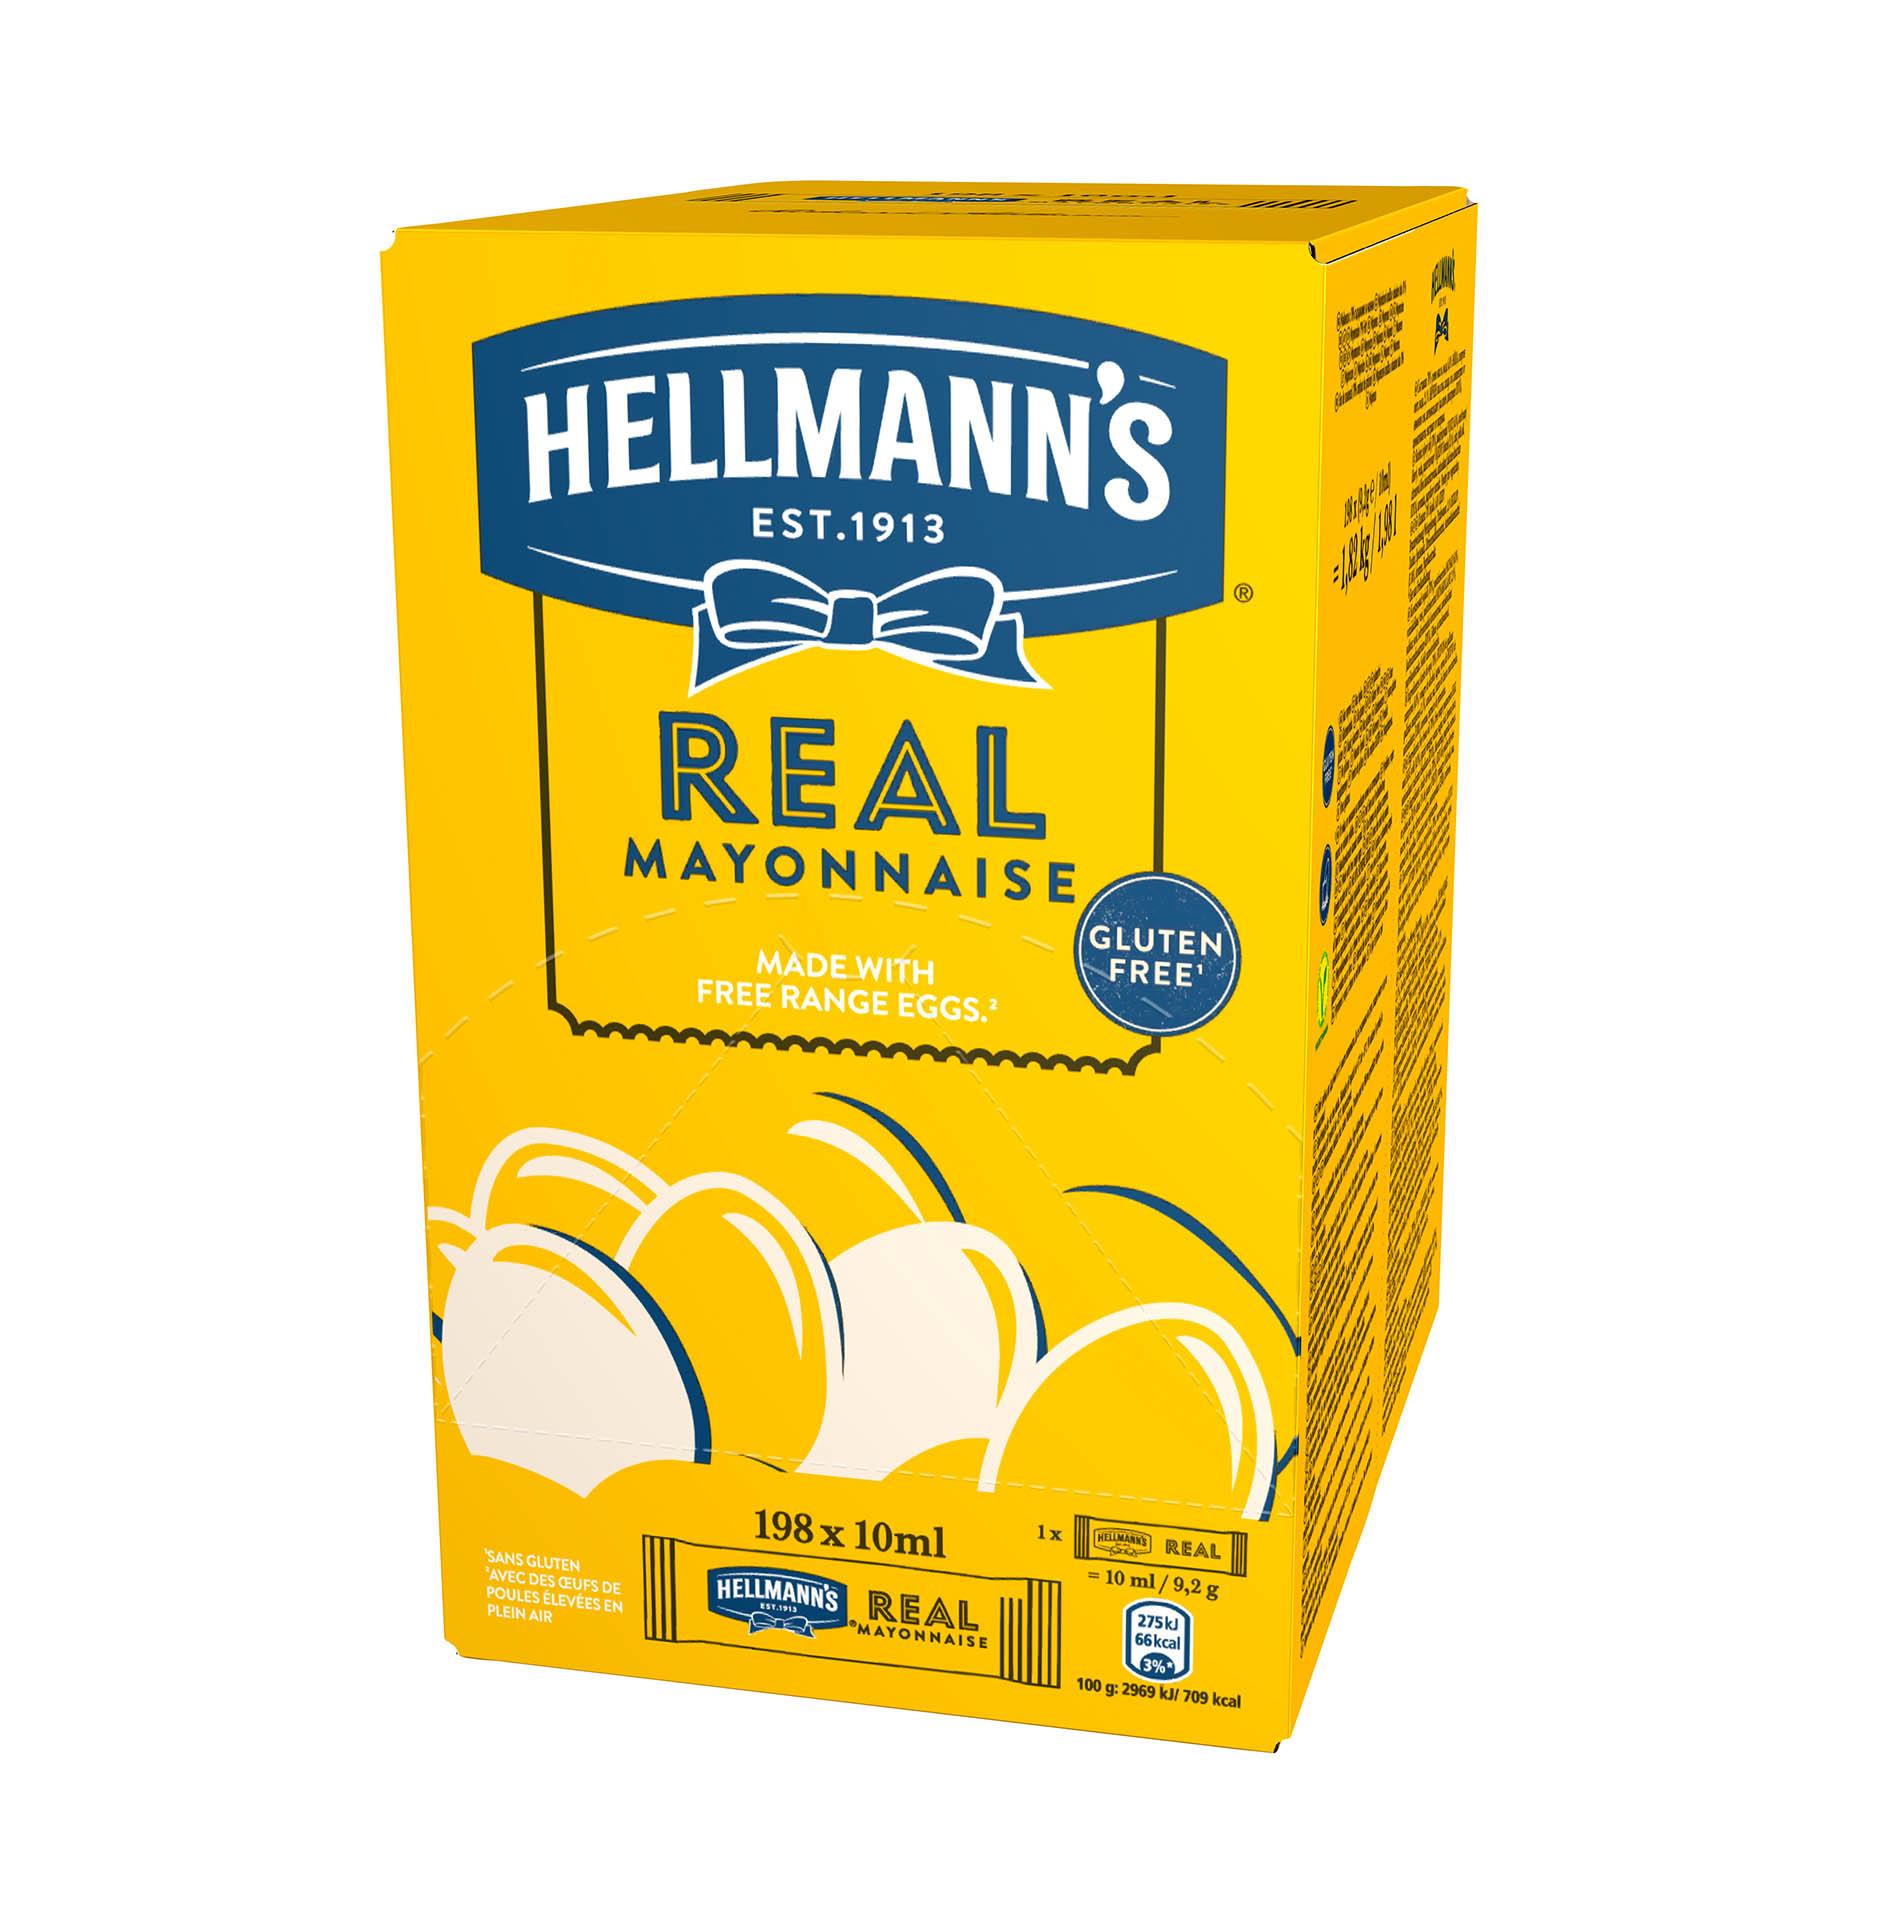 Hellmann's Real Mayonnaise - La maionese N°1 al mondo*, in un formato che ti permette di tenere i costi sotto controllo.